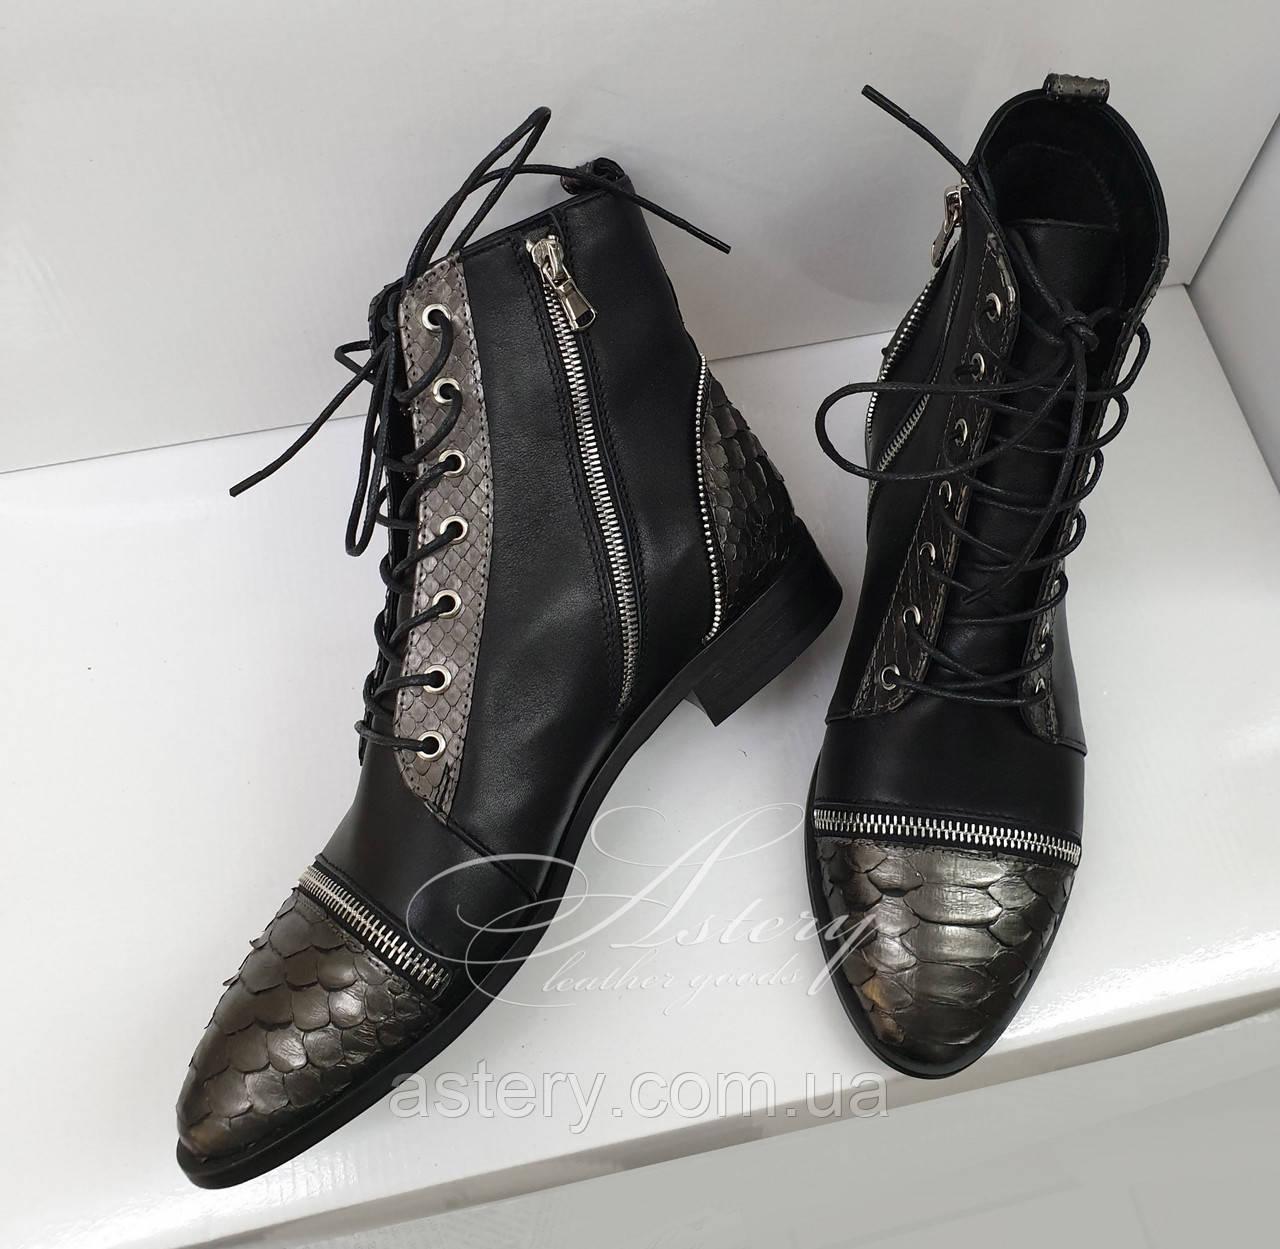 Кожаные ботинки на шнуровке с питоном и замками на носке